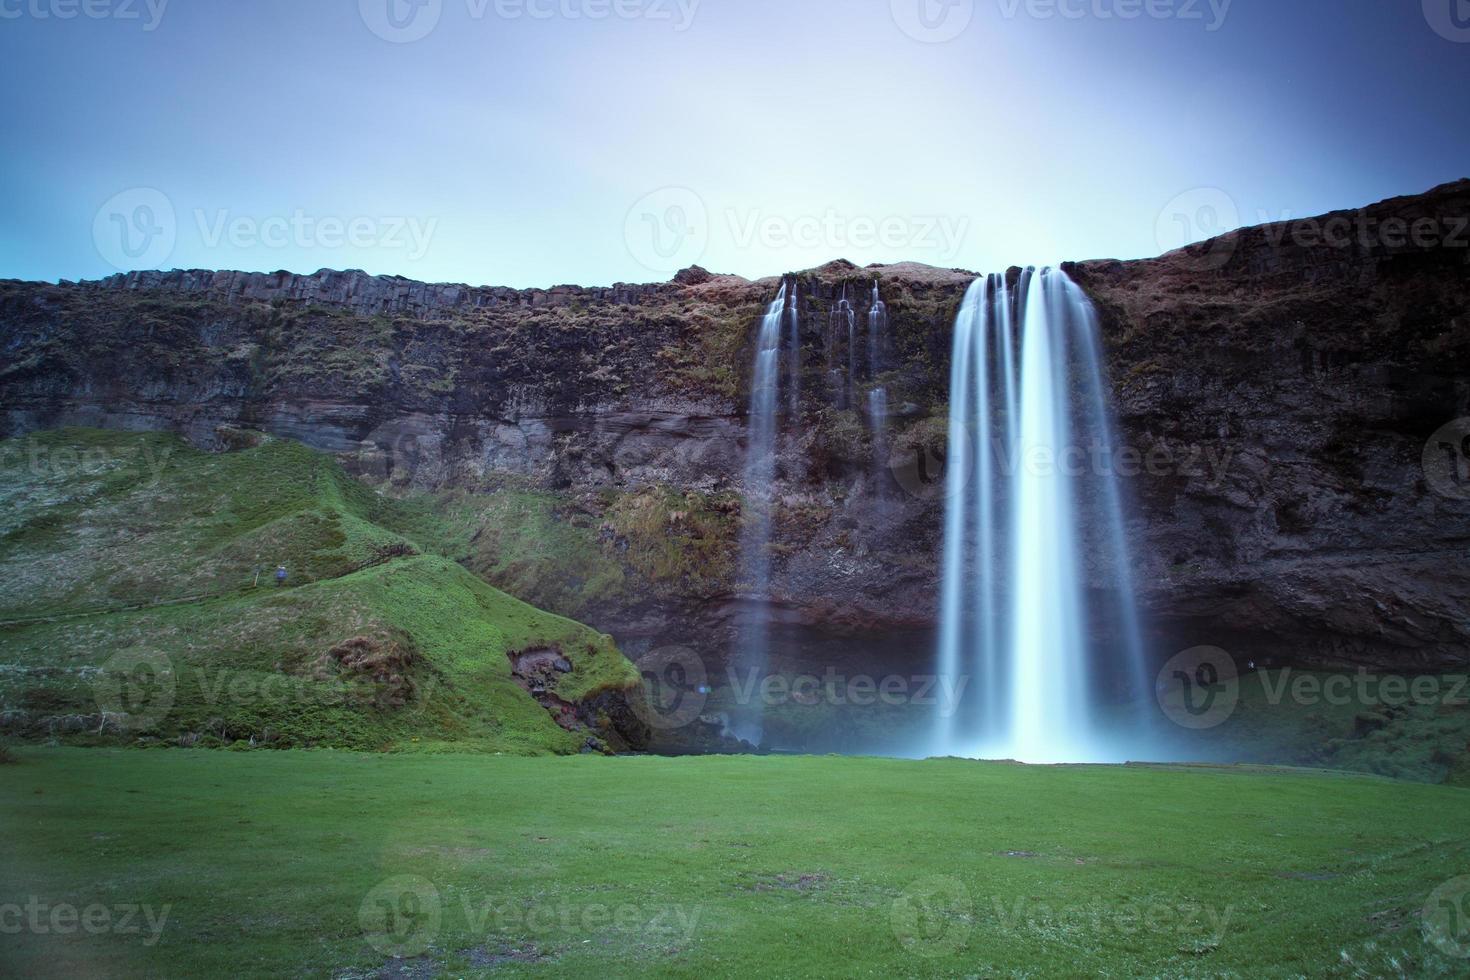 seljalandsfoss. bela cachoeira no sul da Islândia. foto